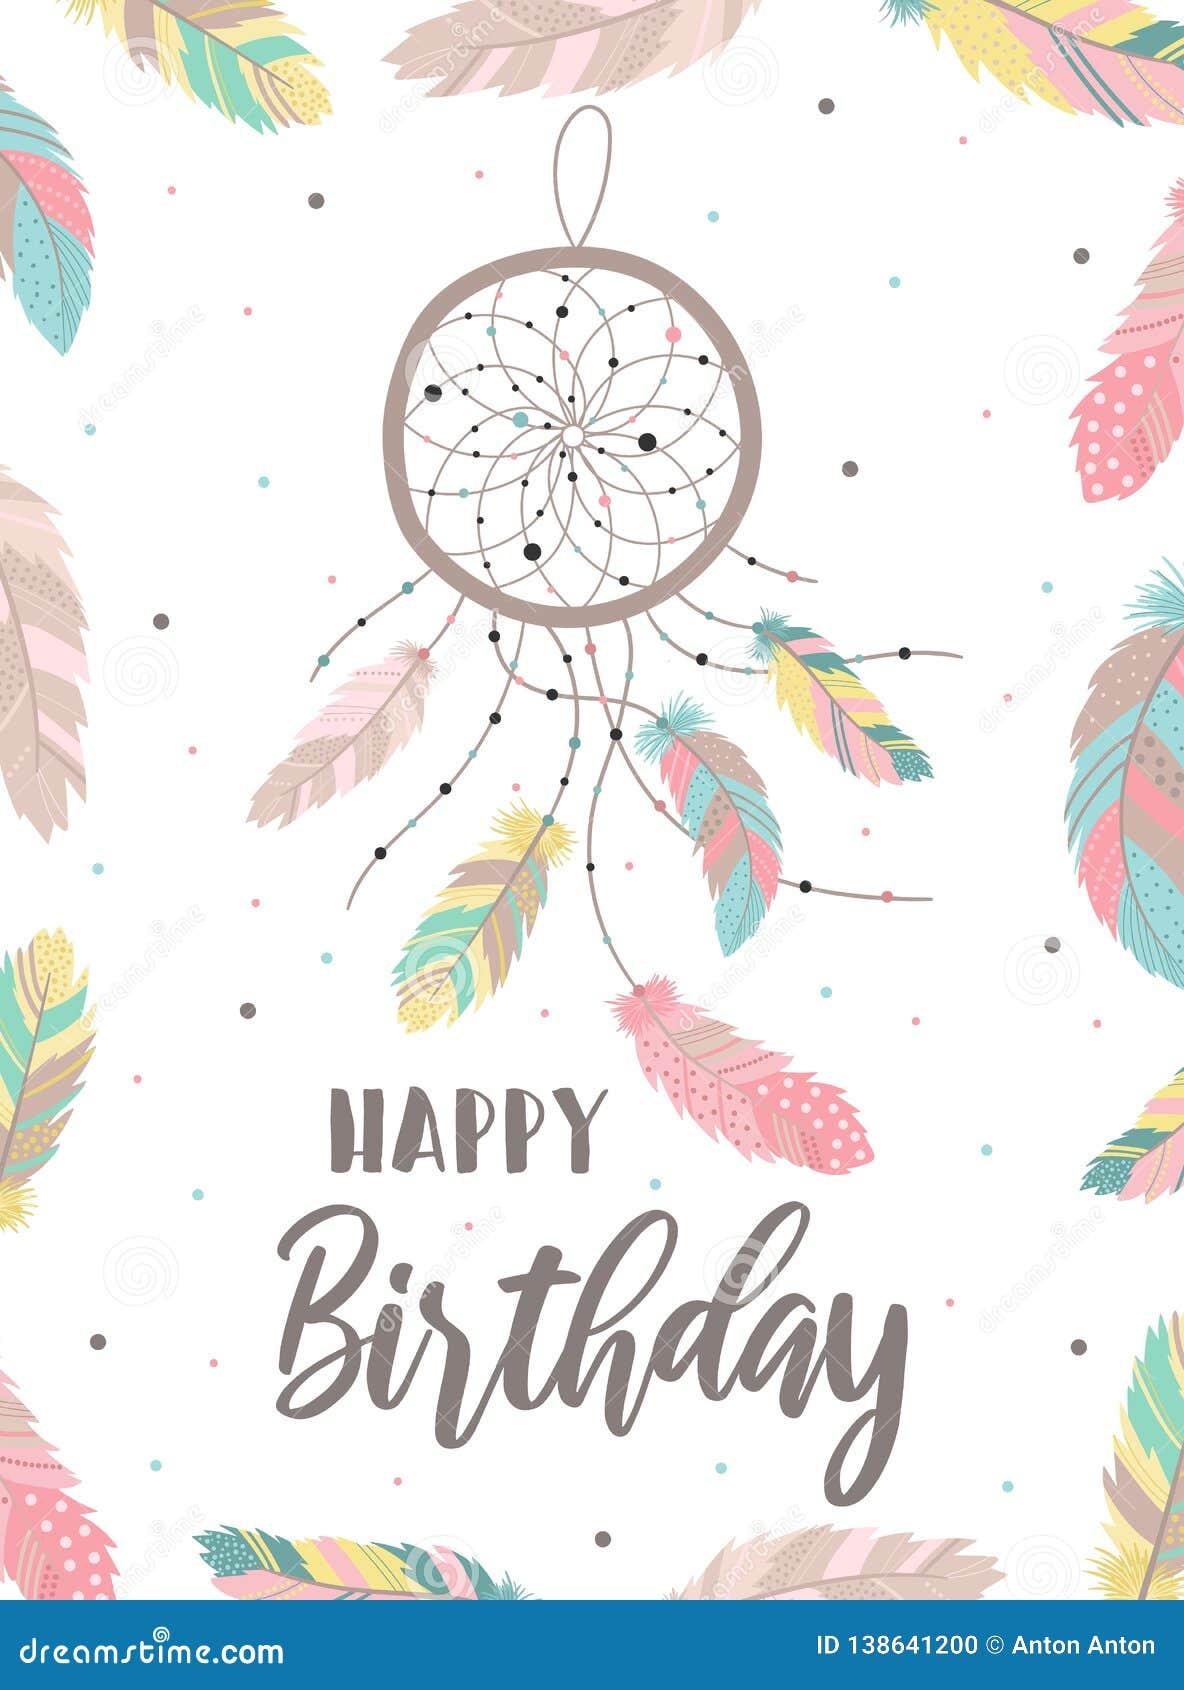 Happy Birthday Boho Style Stock Illustrations 119 Happy Birthday